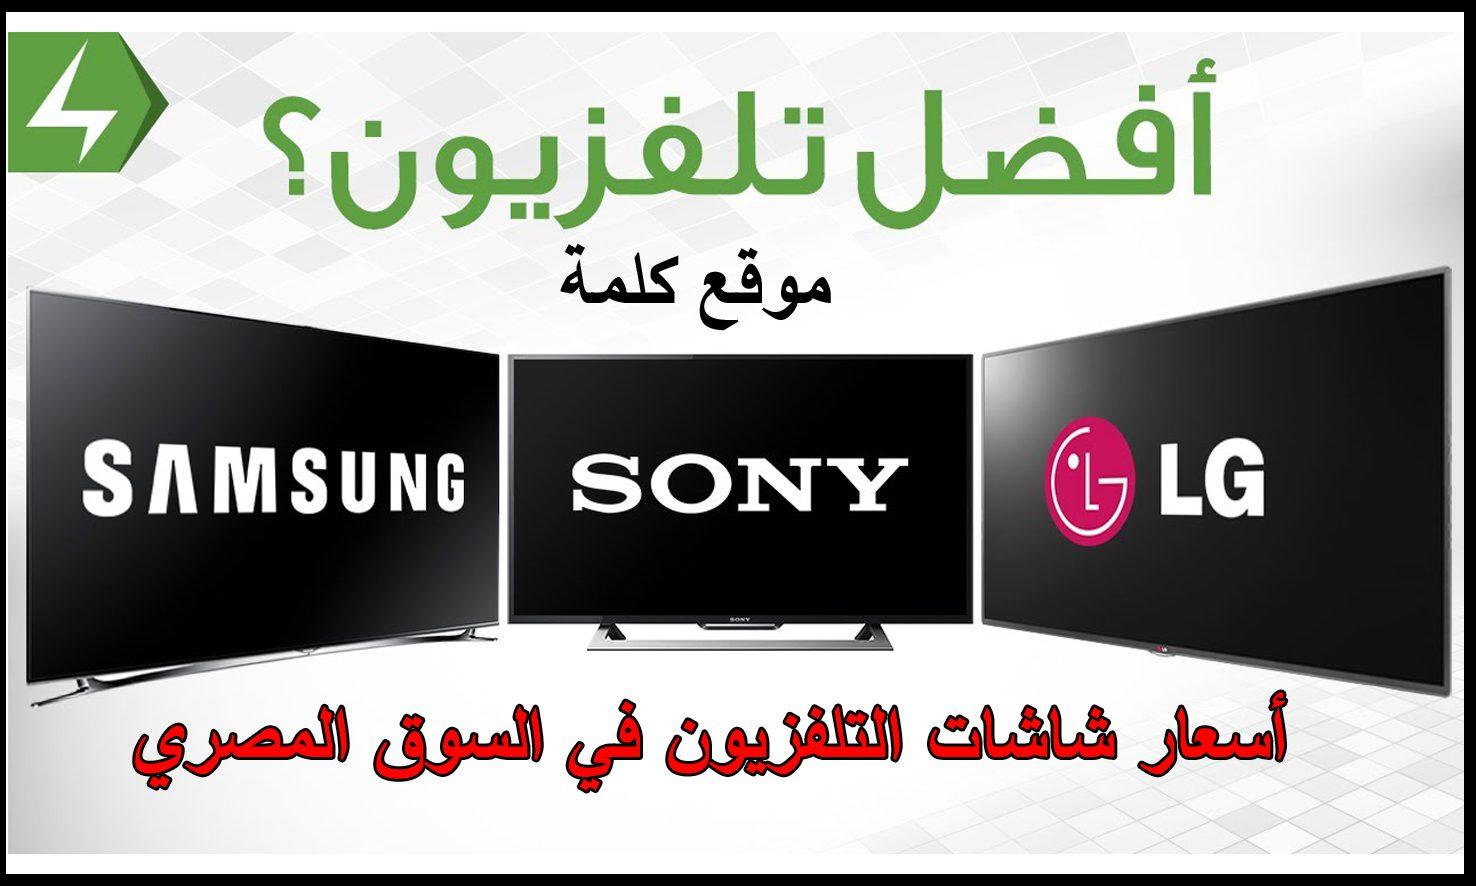 أسعار شاشات التلفزيون في السوق المصري 2020 جميع الأحجام وأشهر